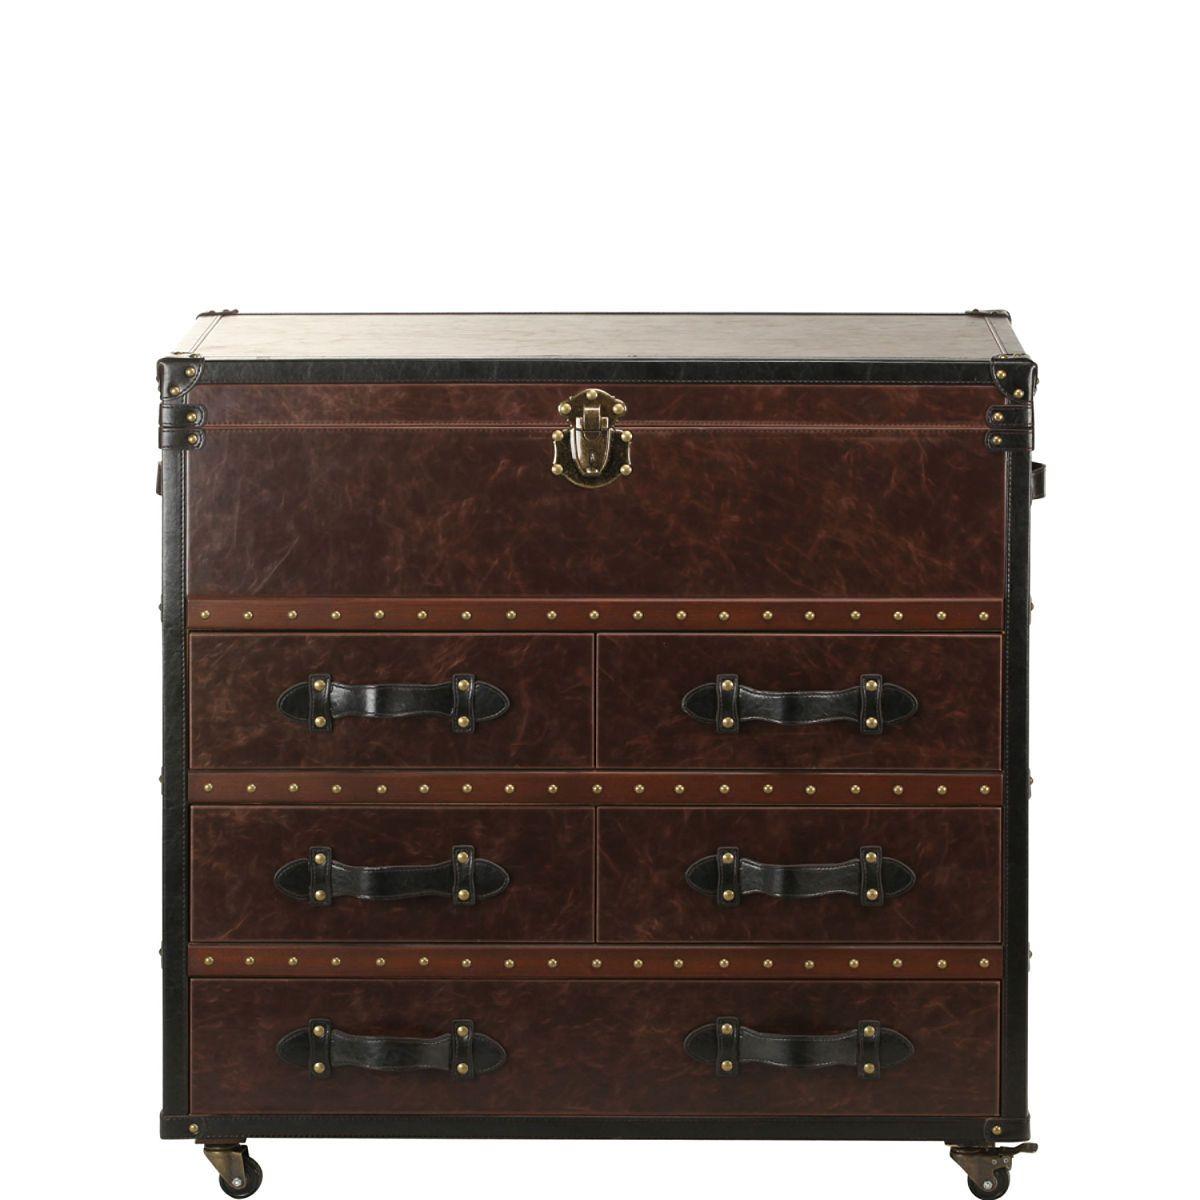 HEMINGWAY Koffer-Kommode mit Deckelfach und 5 Schubladen